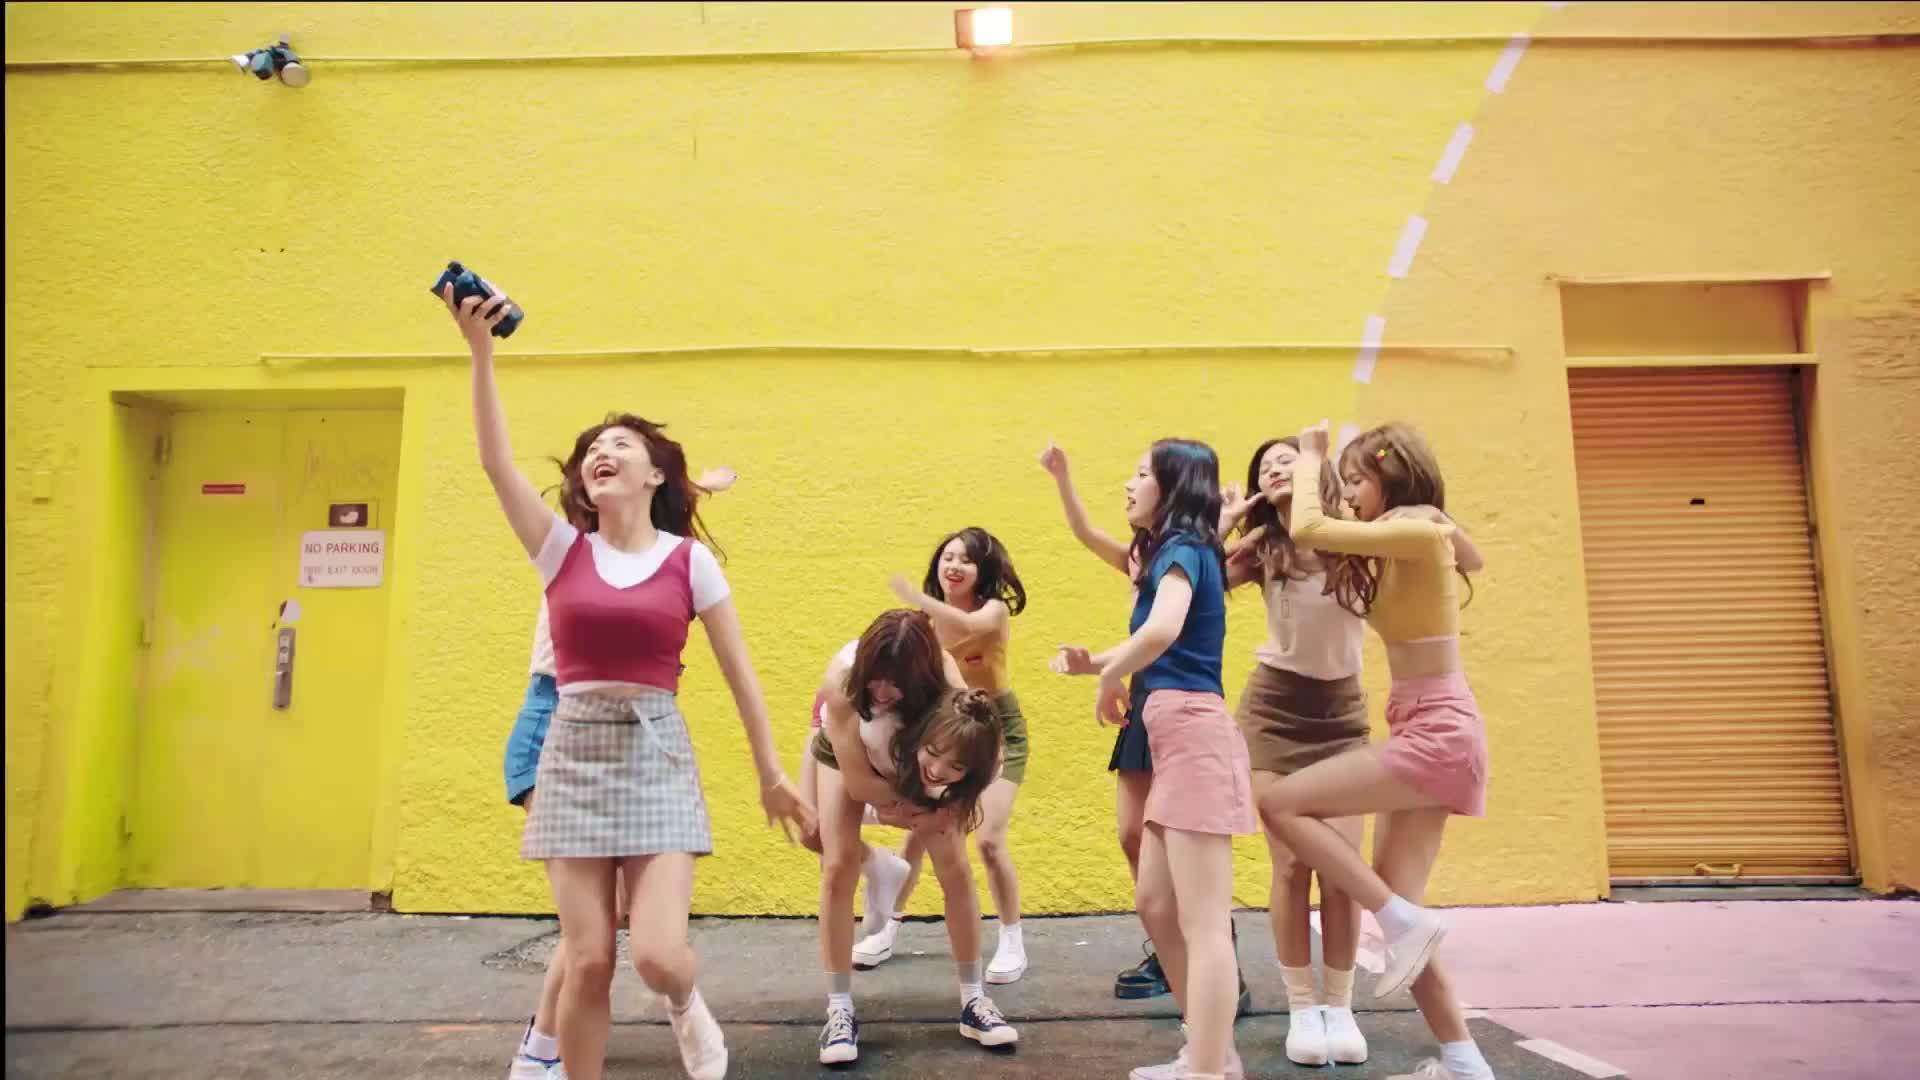 Kpop, Likey, Twice, TWICE LIKEY GIFs